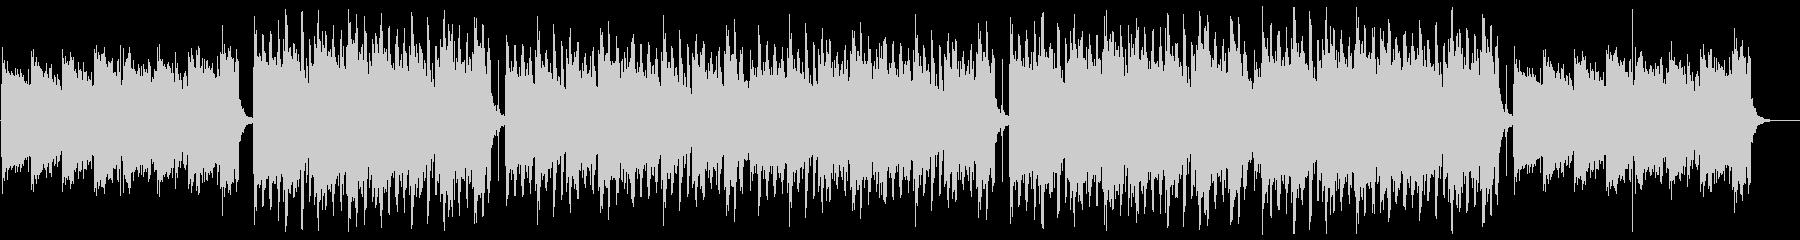 エレガントバイオリンポップ:メロディ抜きの未再生の波形